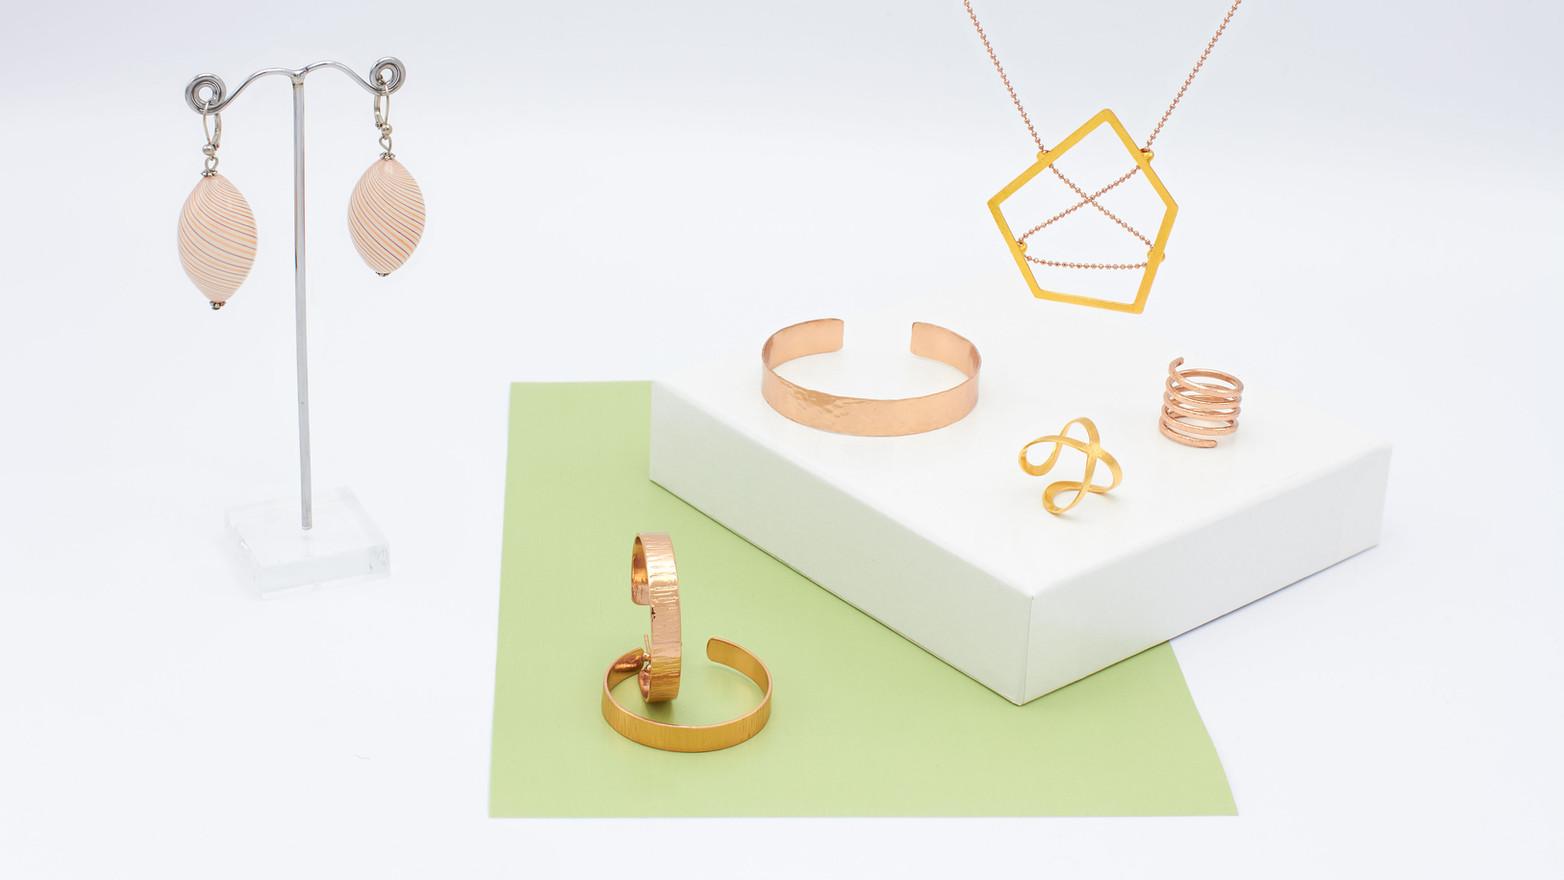 Schmuckstücke aus der Sélection Actuelle mit Schmuck aus der Frühlings Kollektion mit einer Creole, einem Armreif und Ring aus Roségold, einem Ring aus gebürstetem Gold, einer goldenen Halskette mit Roségold und ovalen Ohrringen aus gefärbtem Glas